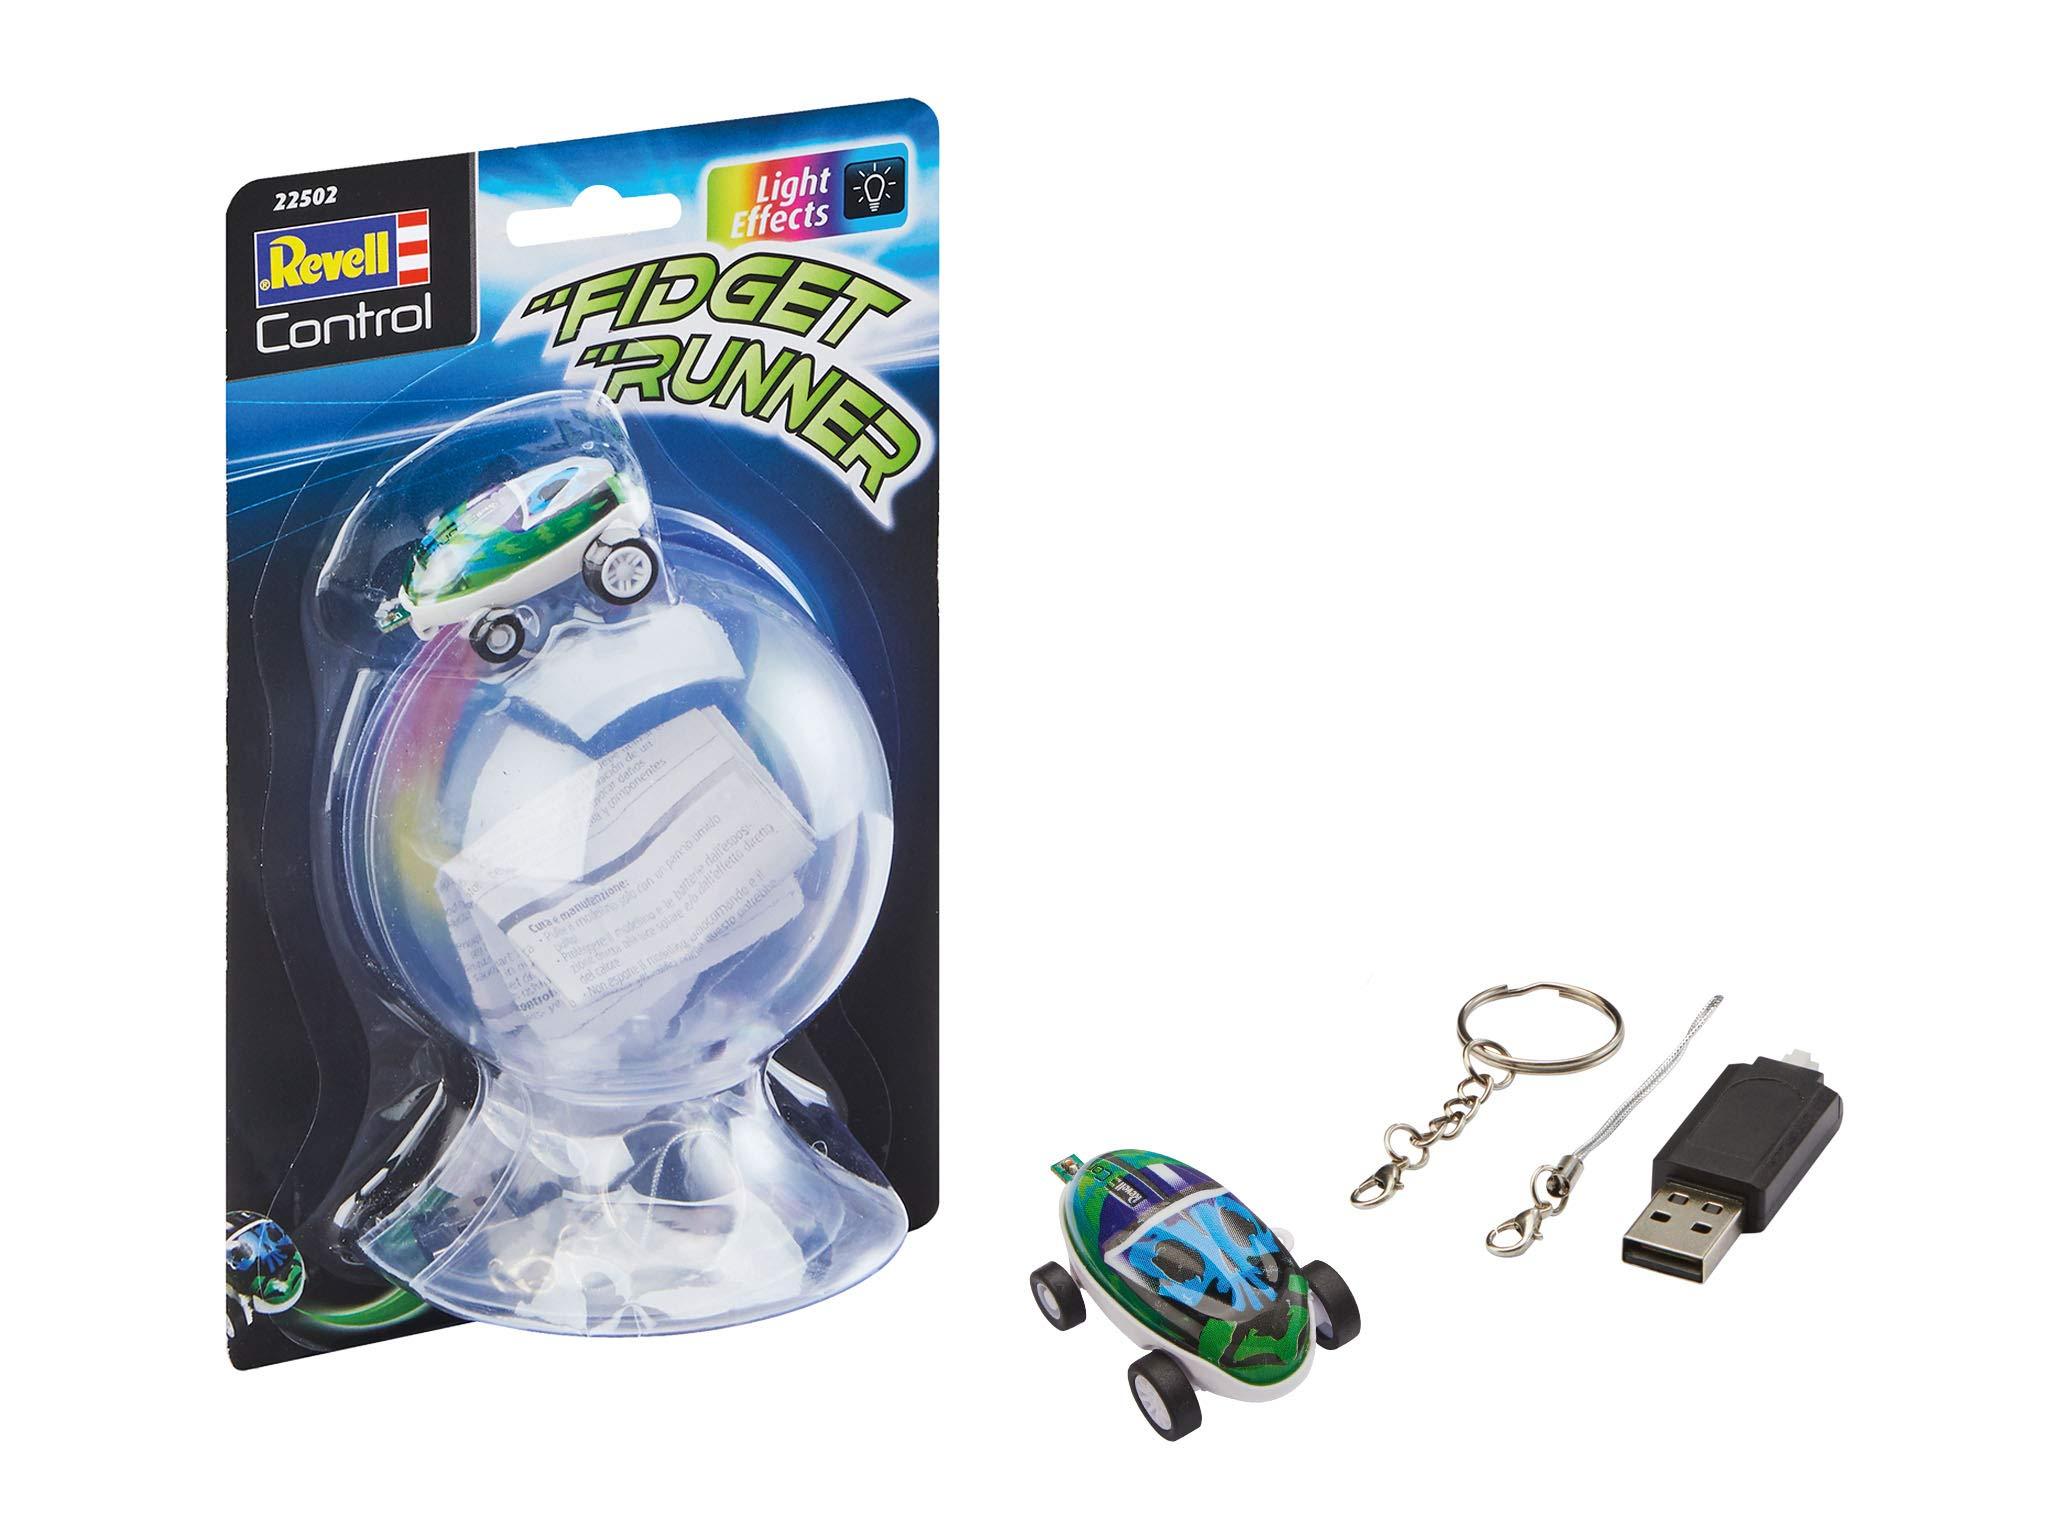 Revell Control 22502 Runner 3, Stunt Car Fidget Toy, Multi-Colour